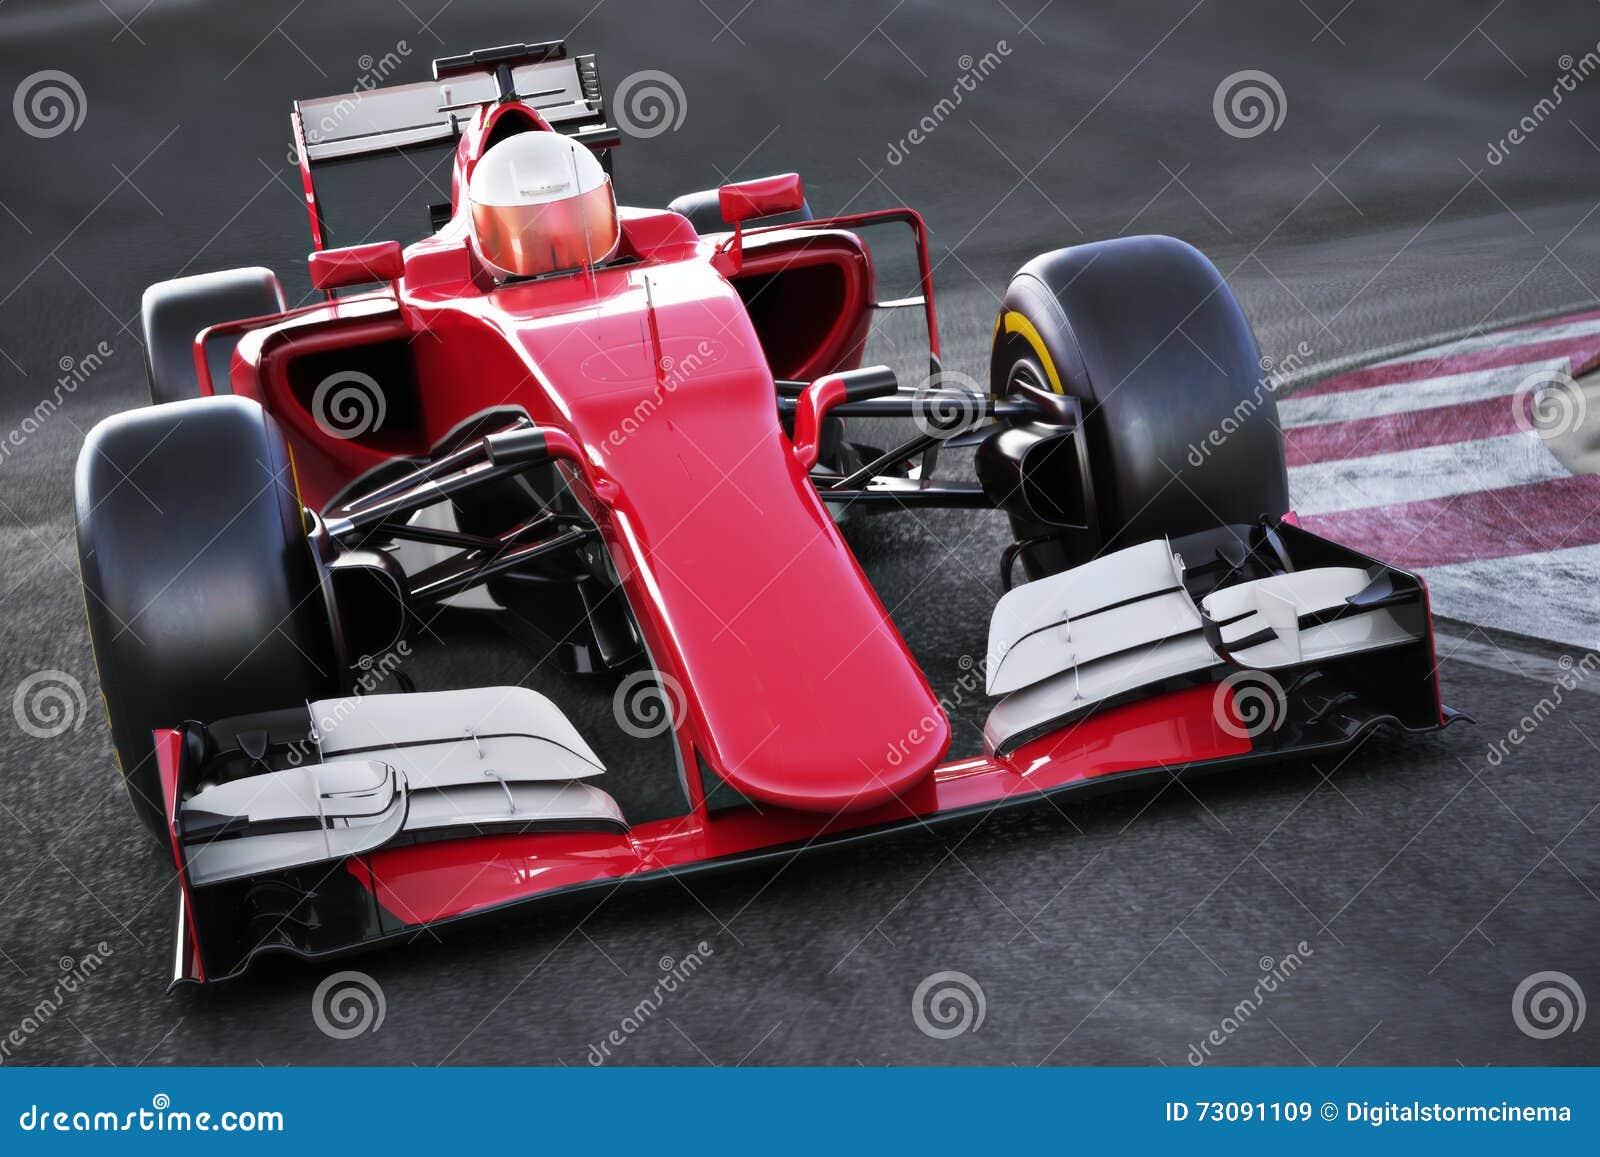 Opinião angular da parte dianteira do carro de corridas dos esportes automóveis que apressa-se abaixo de uma trilha